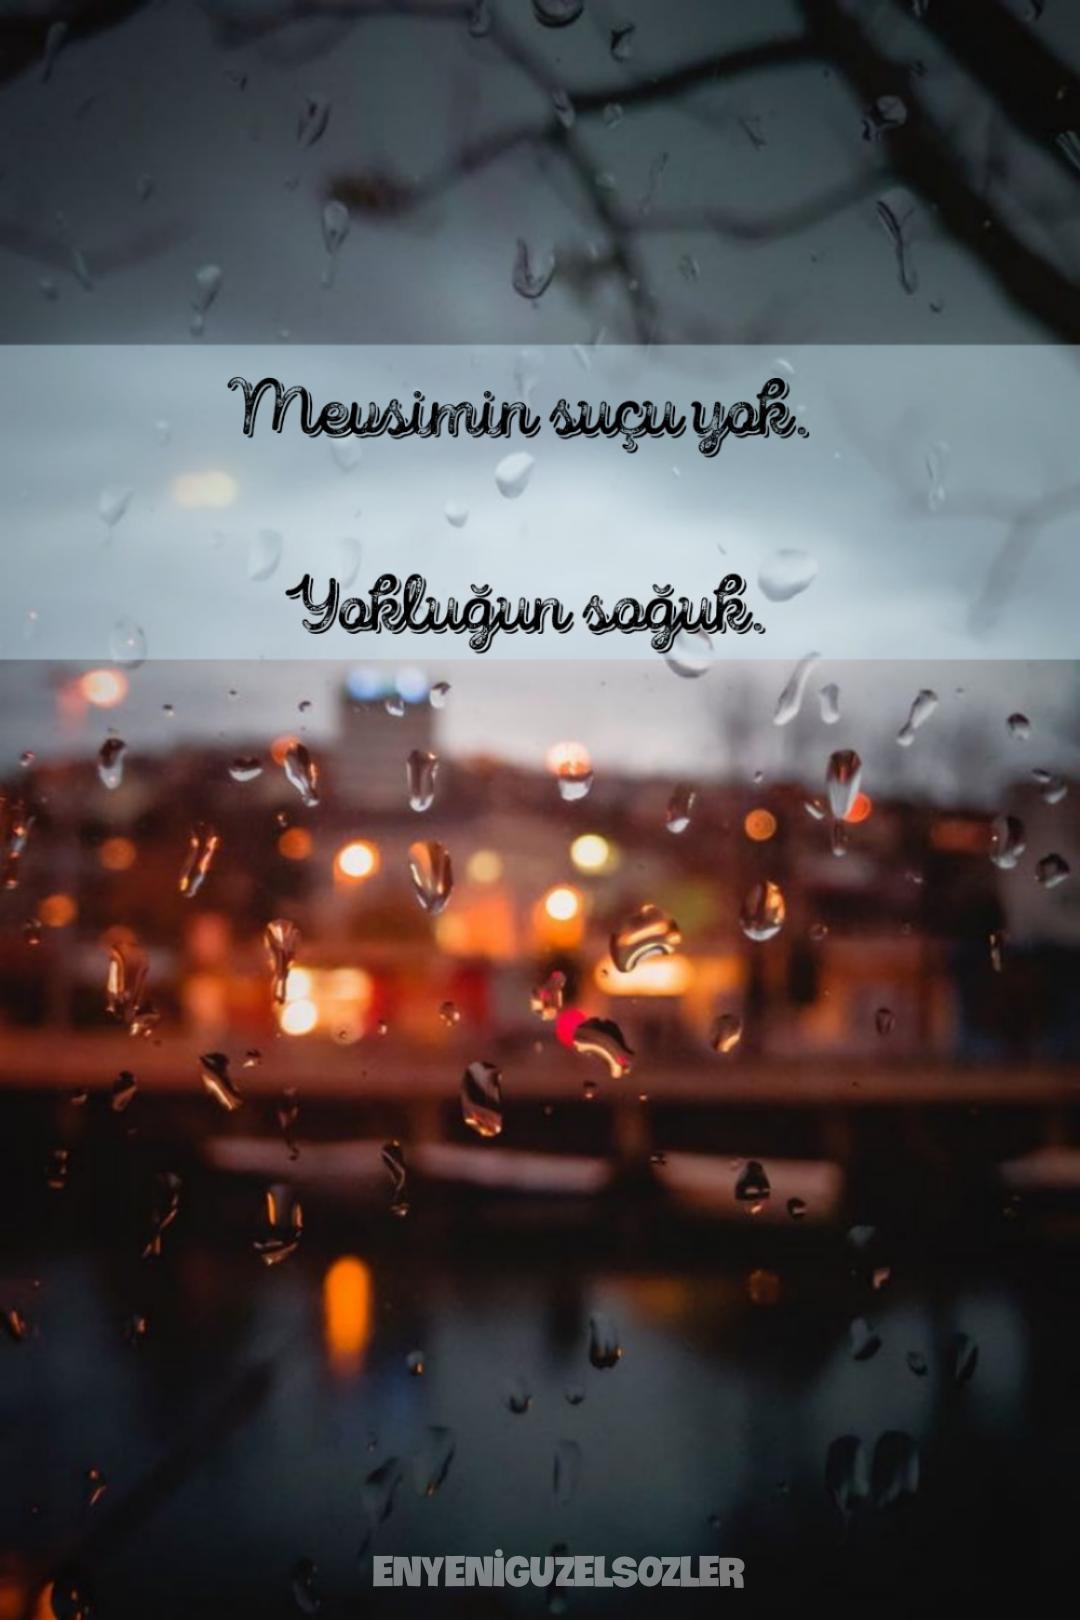 Mevsimin suçu yok. Yokluğun soğuk.. Resimli Duygusal Sözler – En Yeni Duygu Yüklü Sözler - resimli duygusal sözler etkileyici sözler duygusal sözler duygu yüklü sözler Aşk Sözleri anlamlı sözler